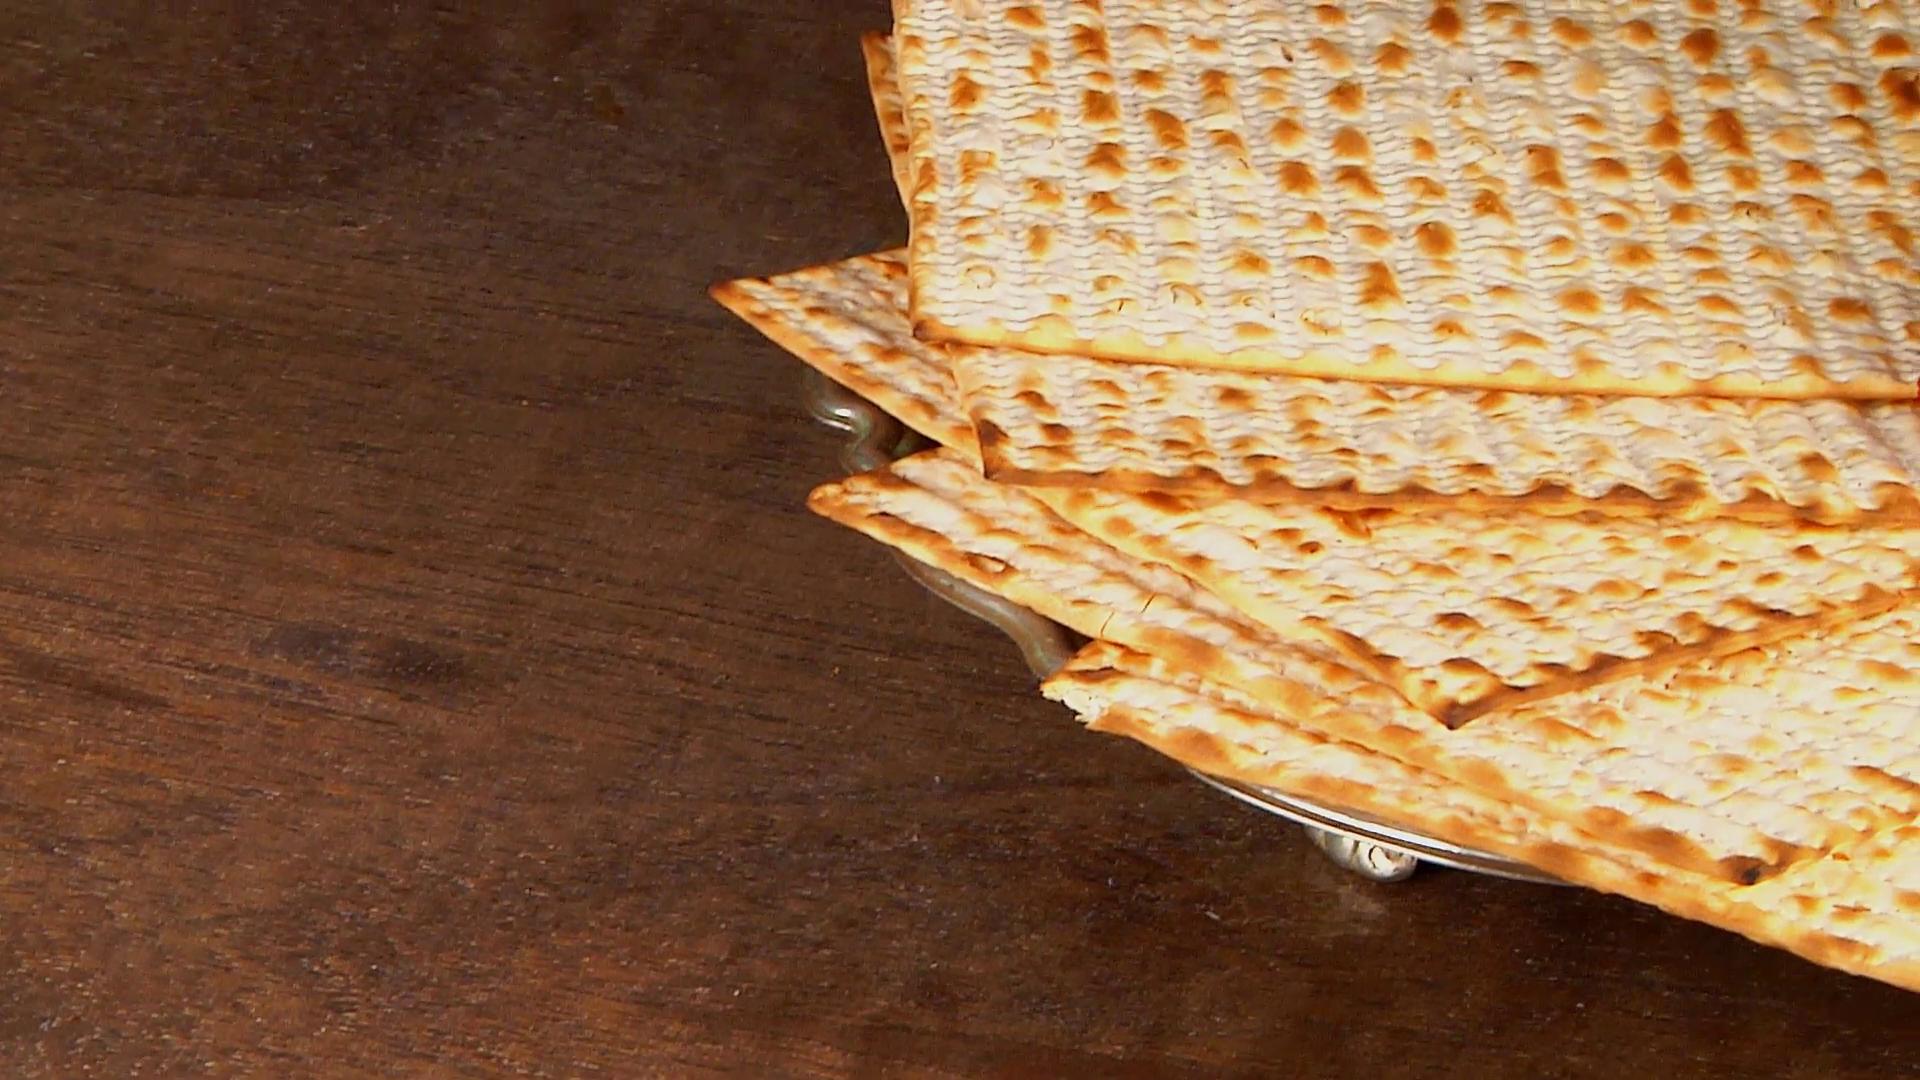 Pesach matzo passover with wine and matzoh jewish passover bread 1920x1080